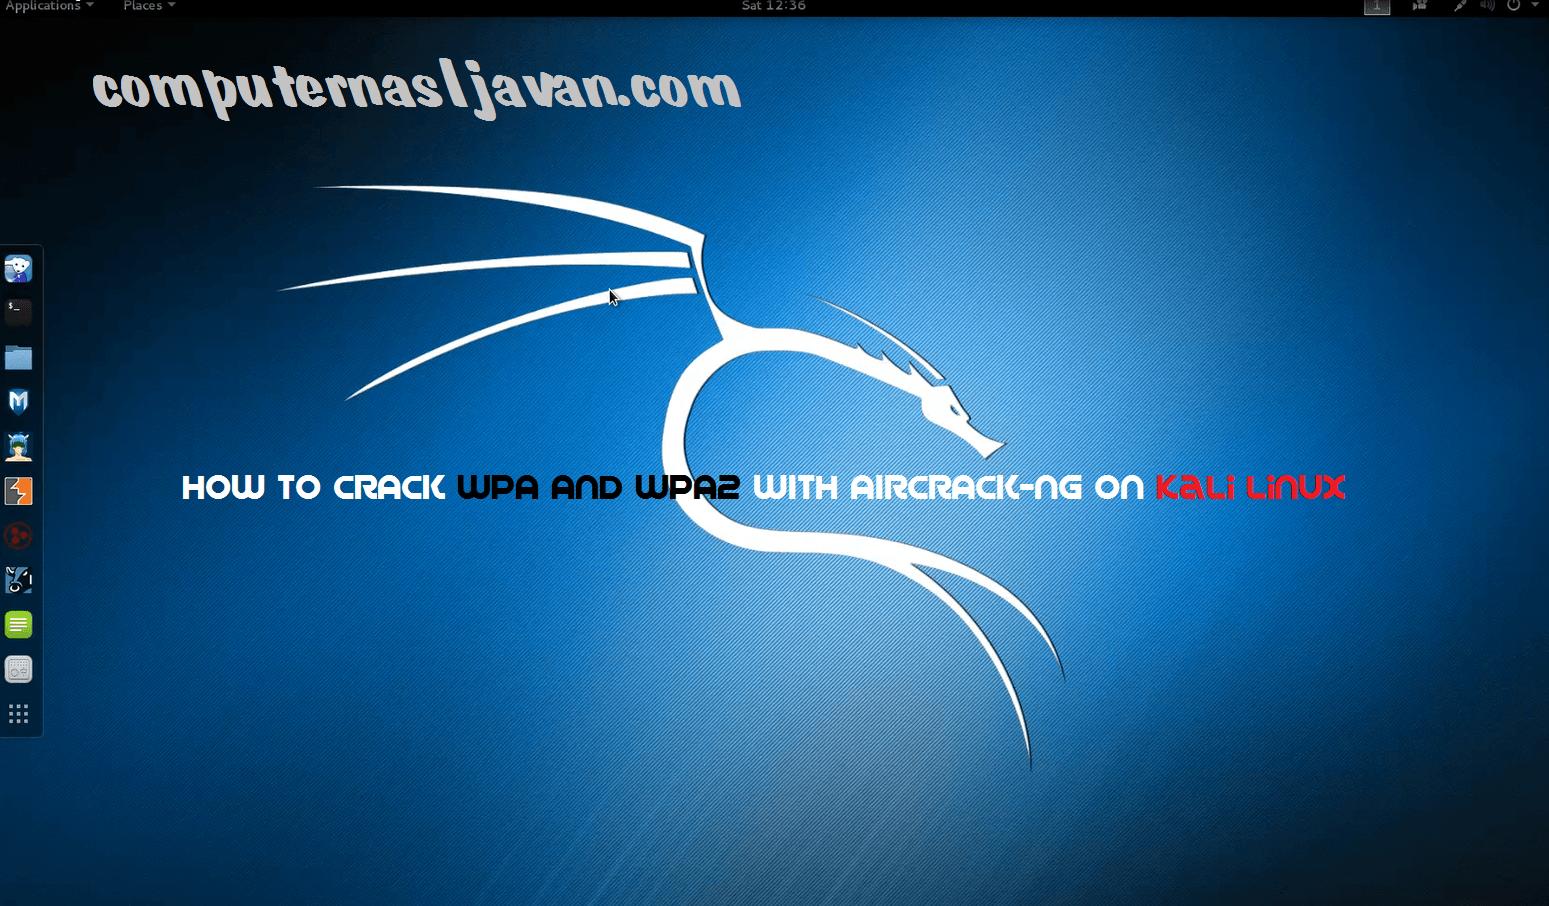 ویدیو آموزش هک کردن وایفای ( WPA & WPA2) با کالی لینوکس